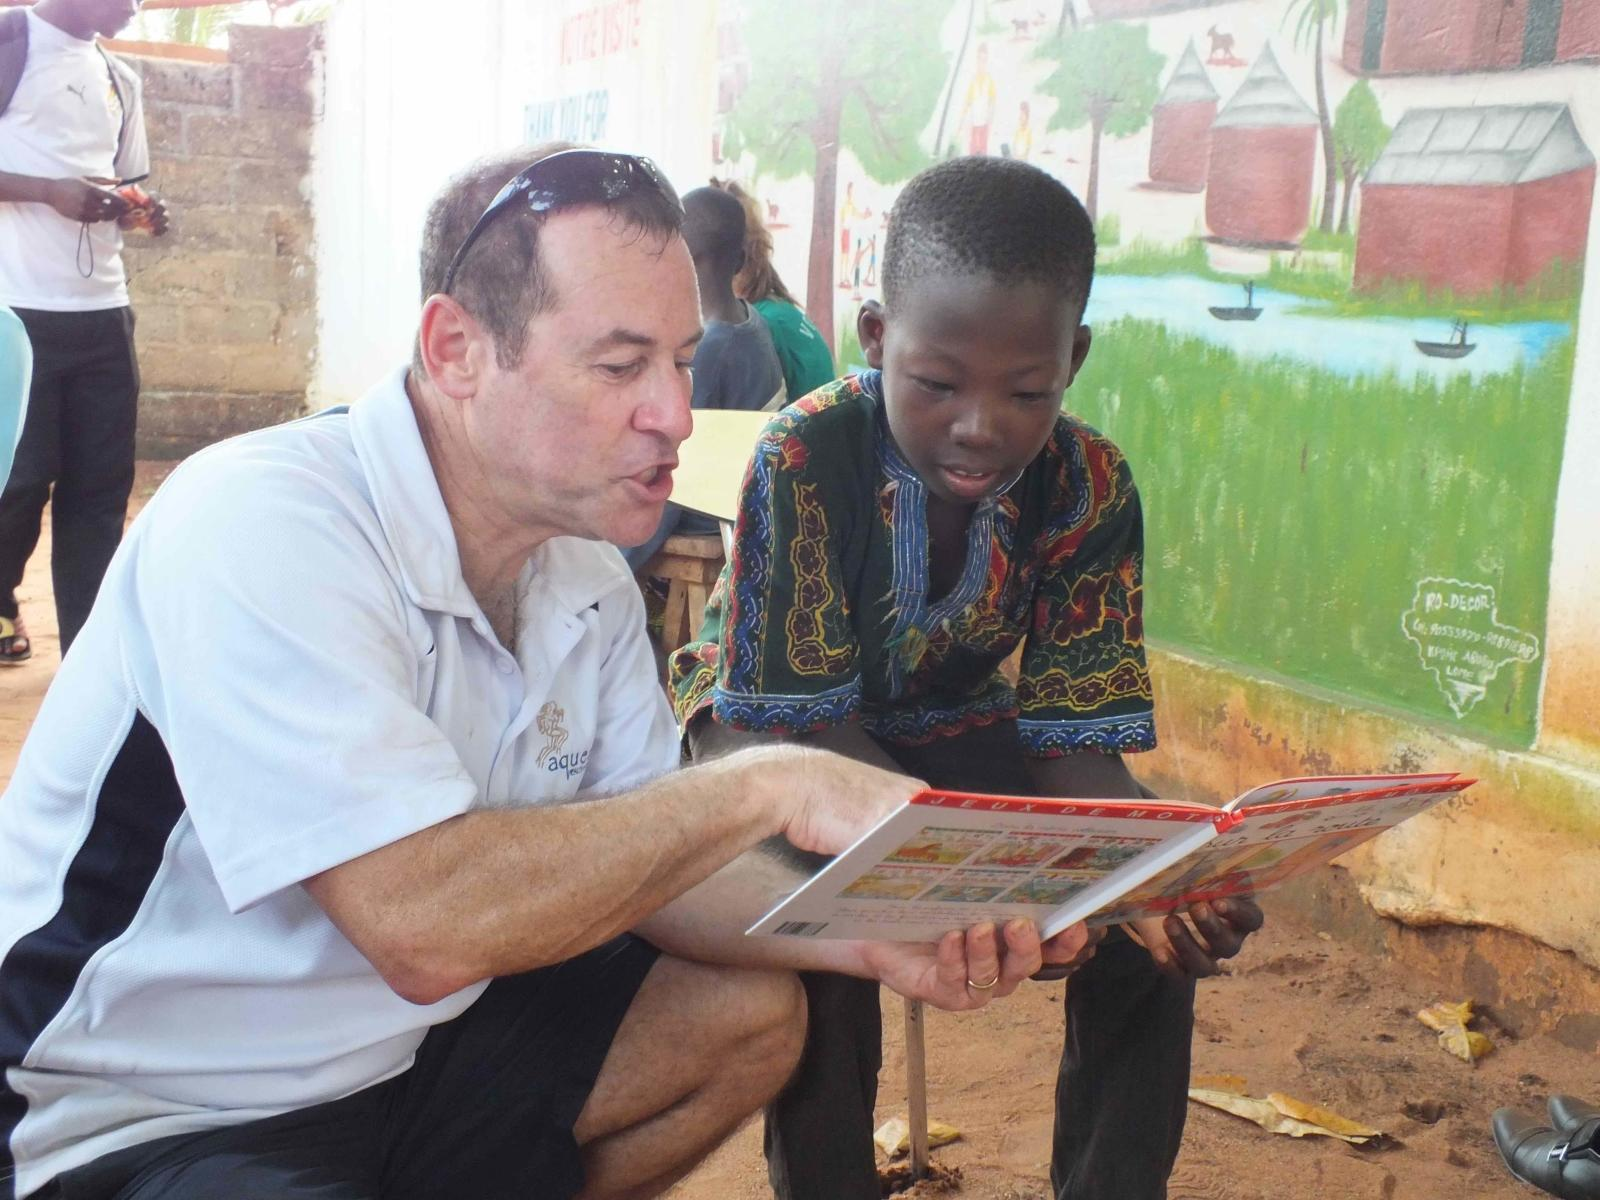 Voluntario mayor de 50 años ayudando a leer a un niño.